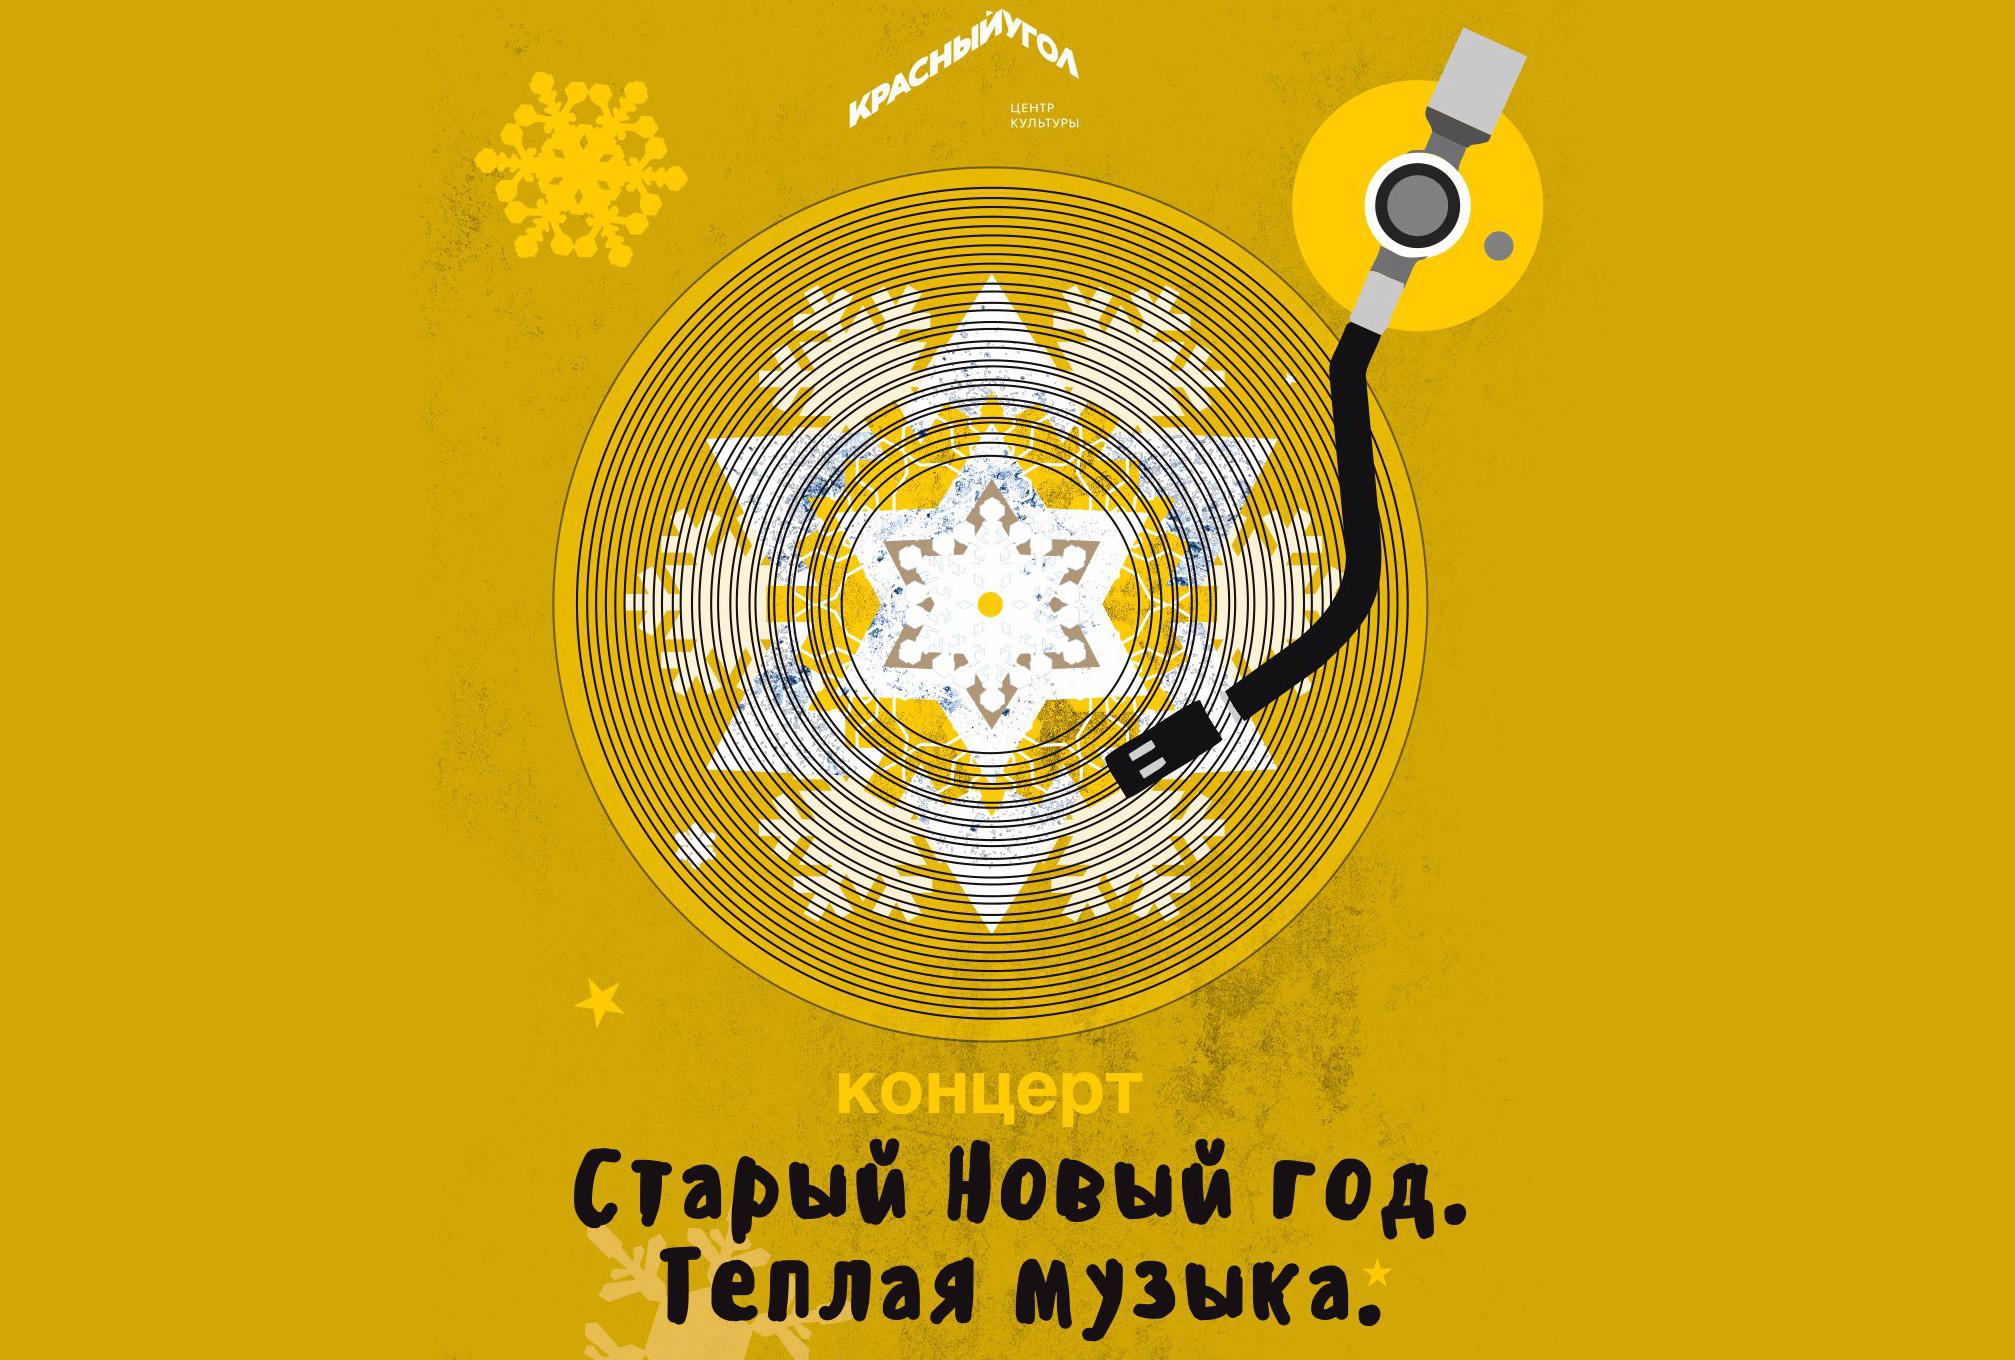 """Старый Новый год отметят в """"Красном углу"""" концертом"""